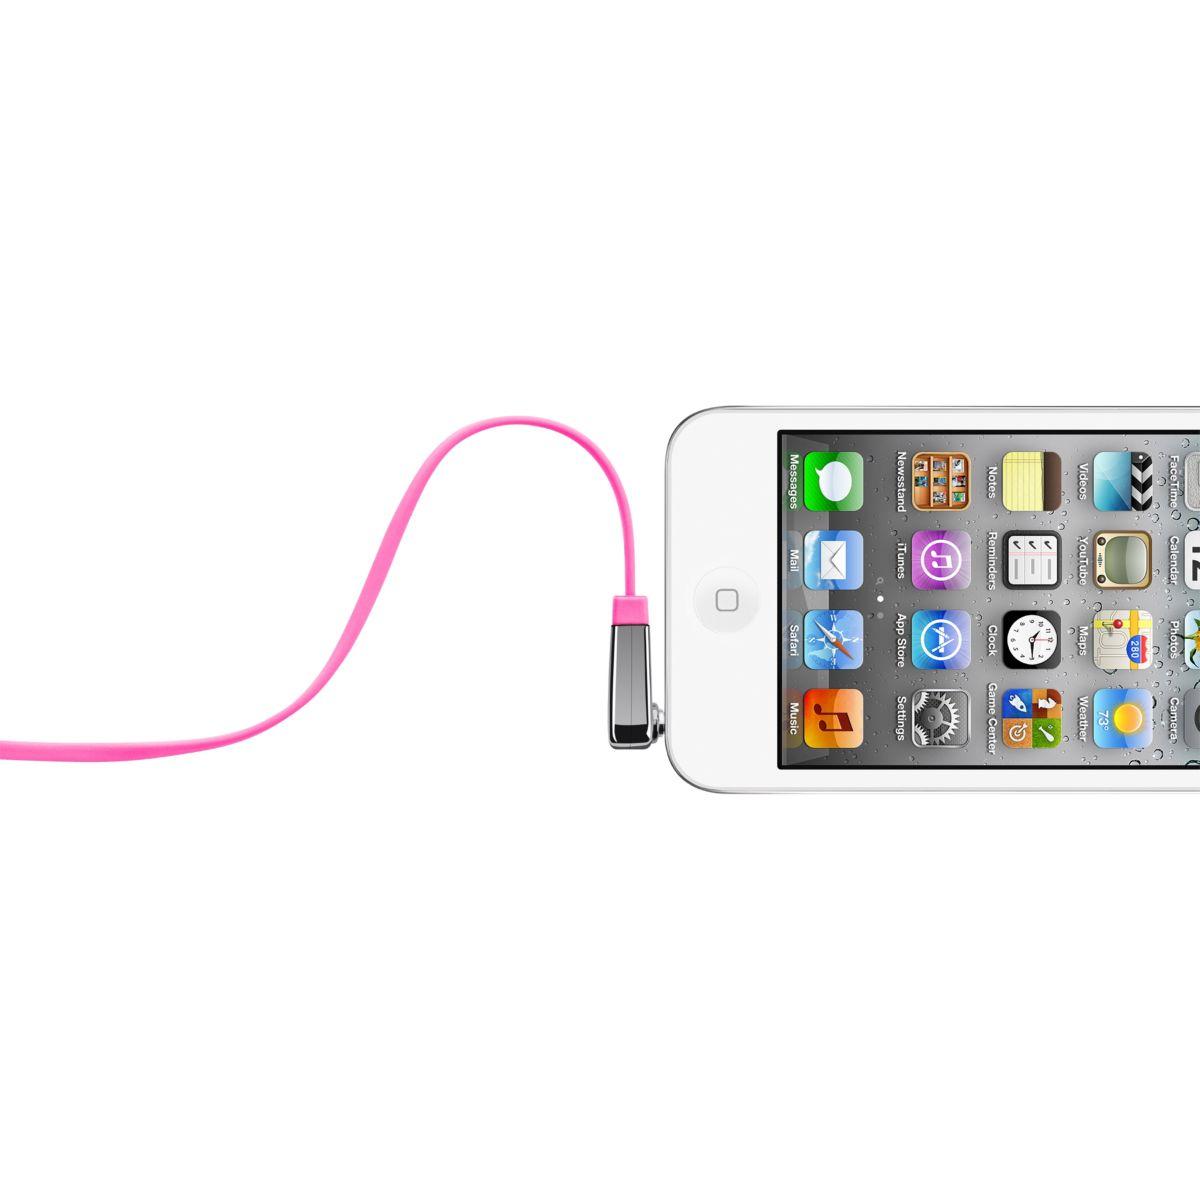 Connectique belkin câble plat coudé rose - 10% de remise immédiate avec le code : cool10 (photo)